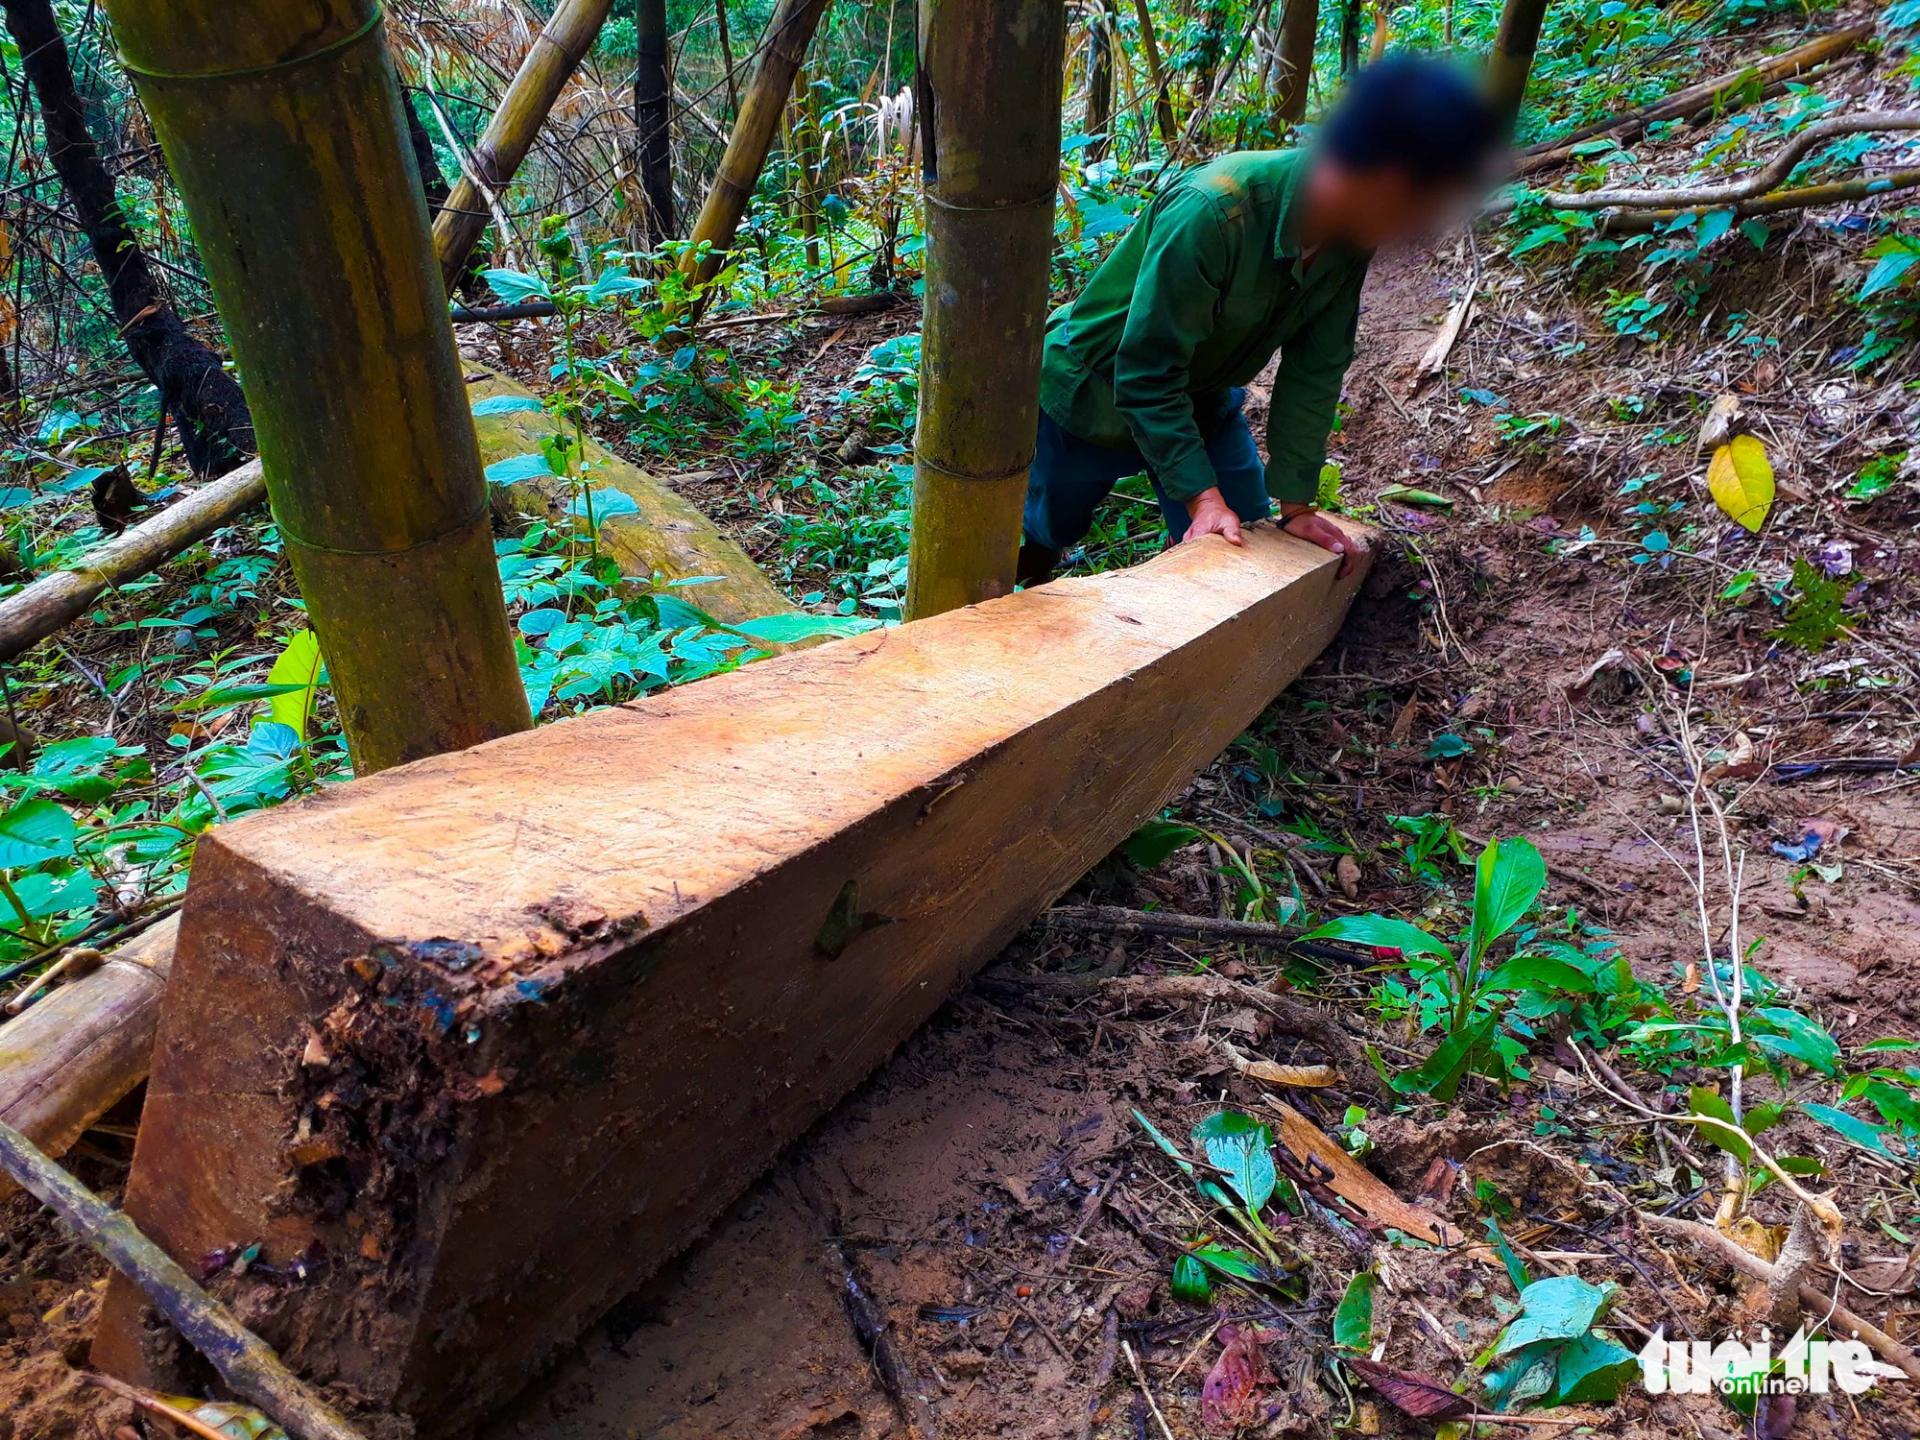 Tan nát rừng đầu nguồn: Cận cảnh rừng phòng hộ bị phá - Ảnh 7.